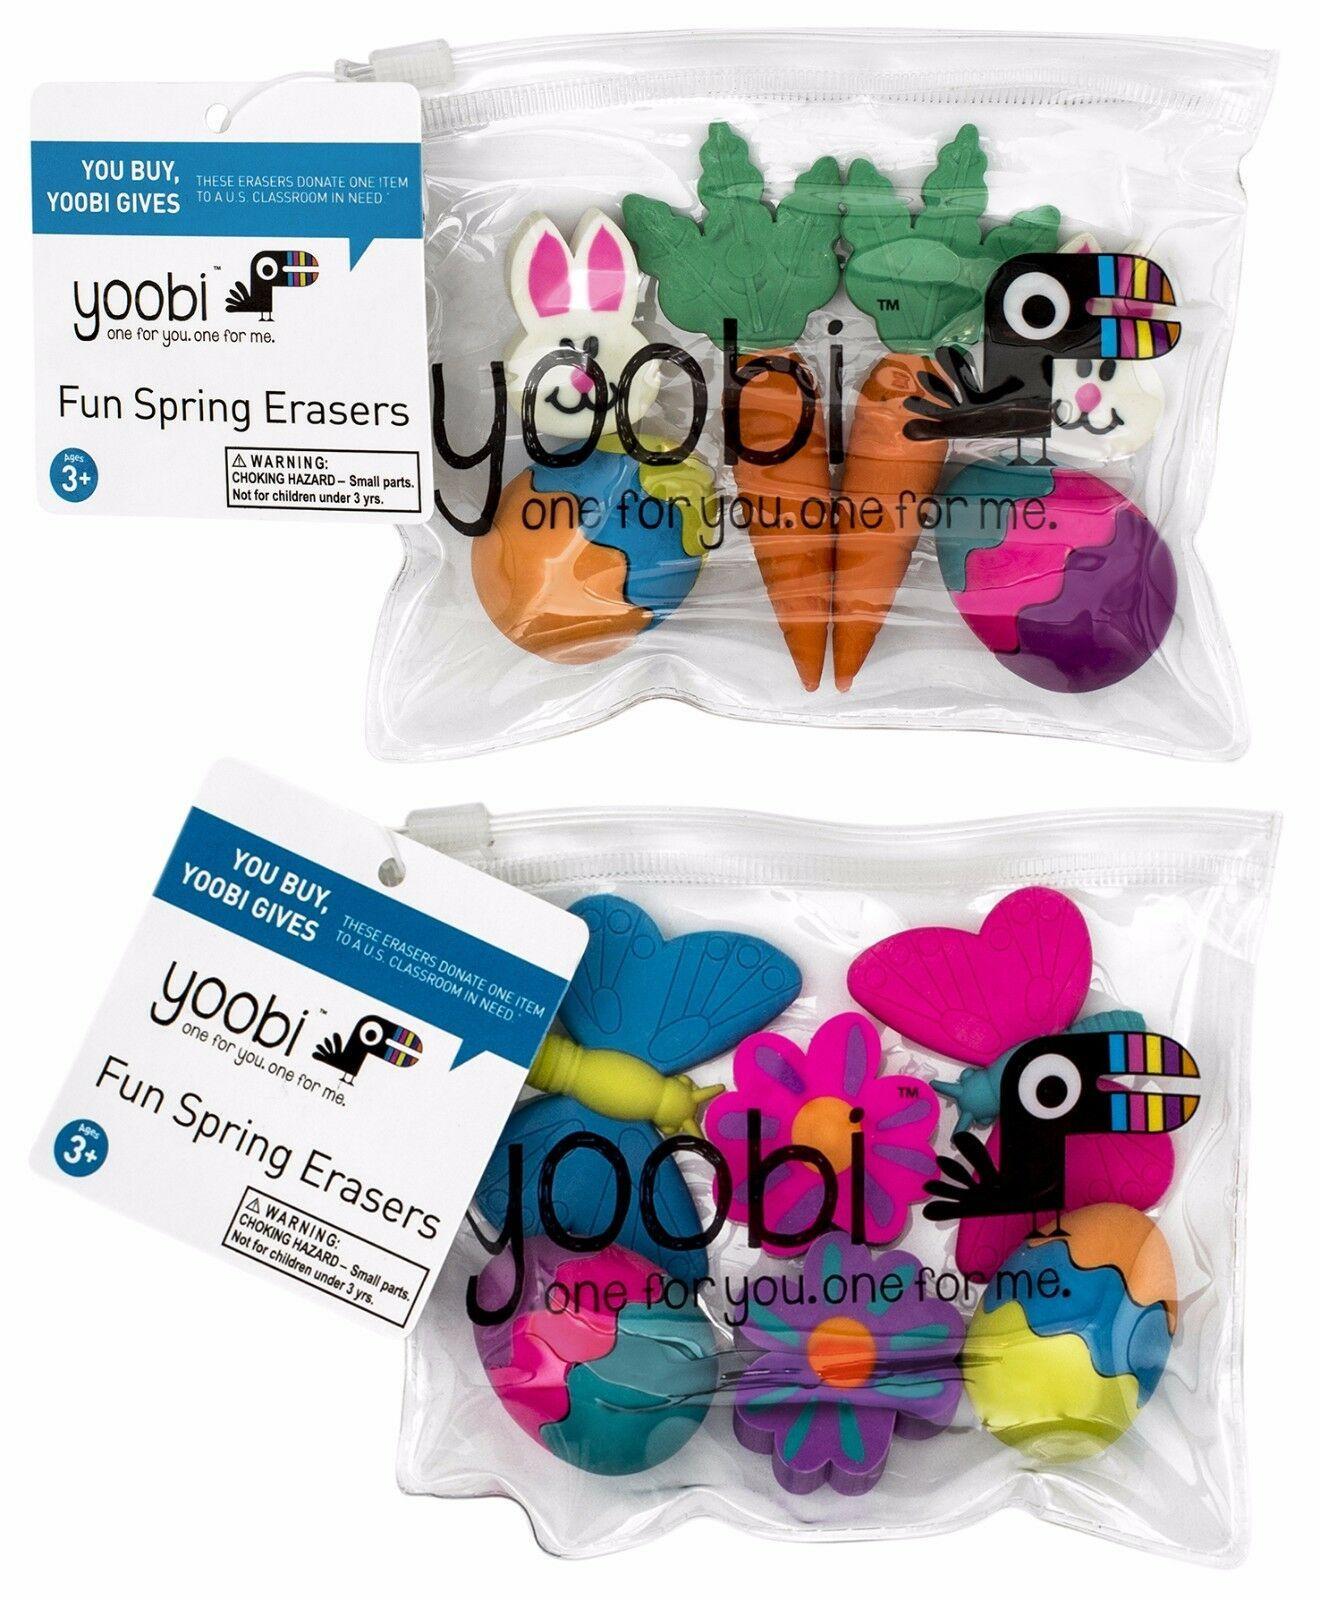 YOOBI 6pc FUN SPRING ERASERS Resealable Bag EASTER Eggs+Bunnies+More*YOU CHOOSE*